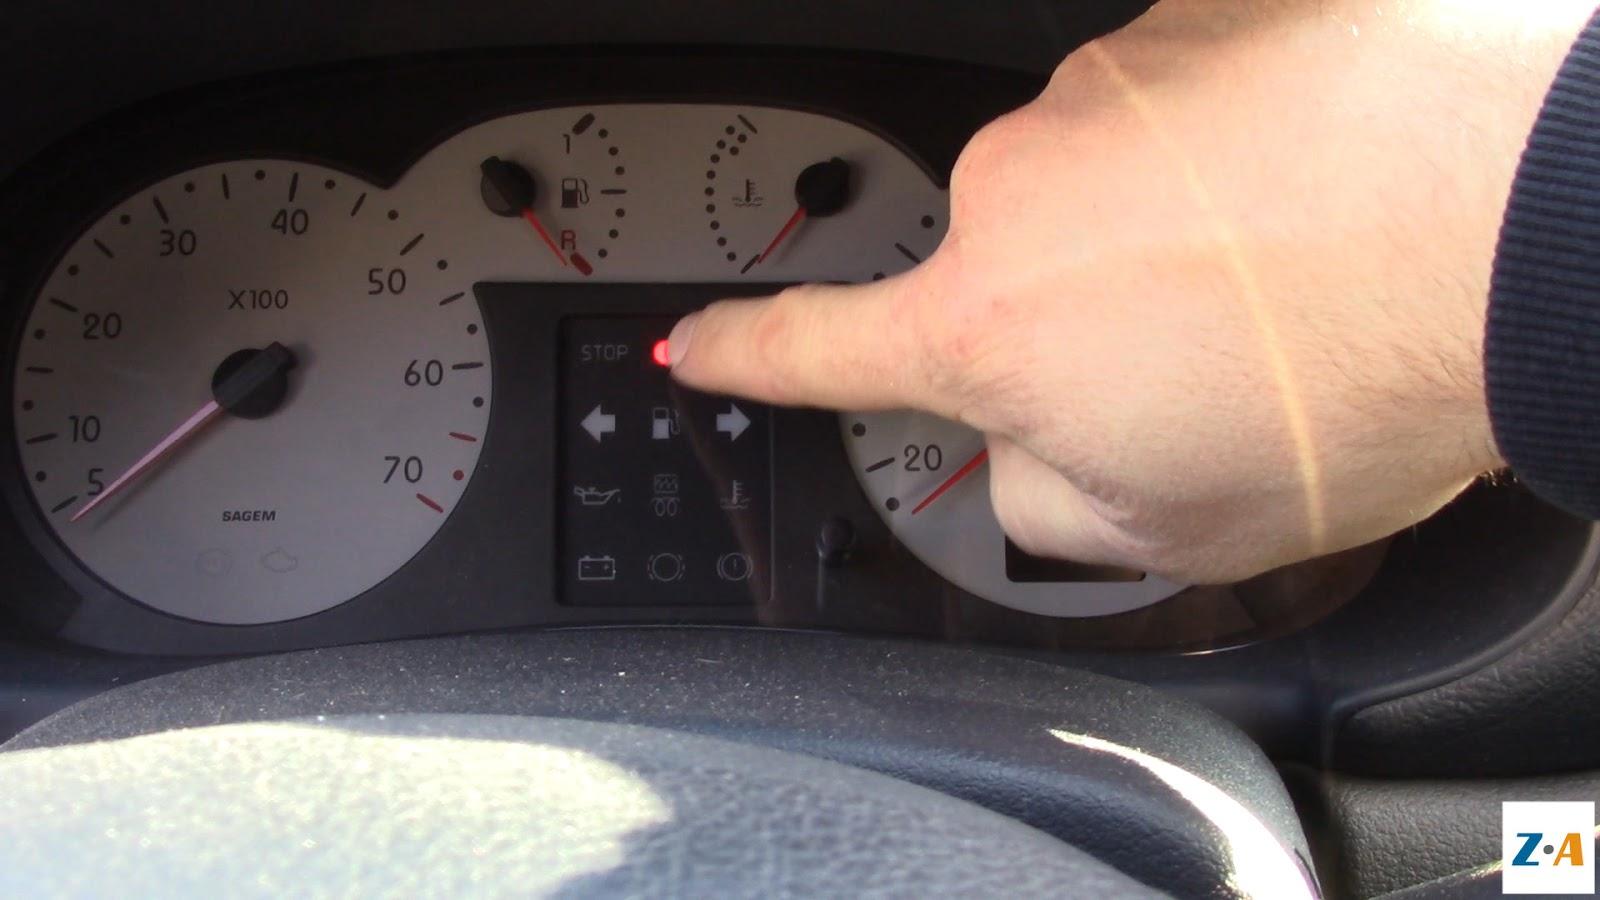 Avant de mettre la clé de contact, le tableau de bord indique que l'anti-démarrage est actif et qu'il ne connaît pas le niveau de carburant dans le réservoir.